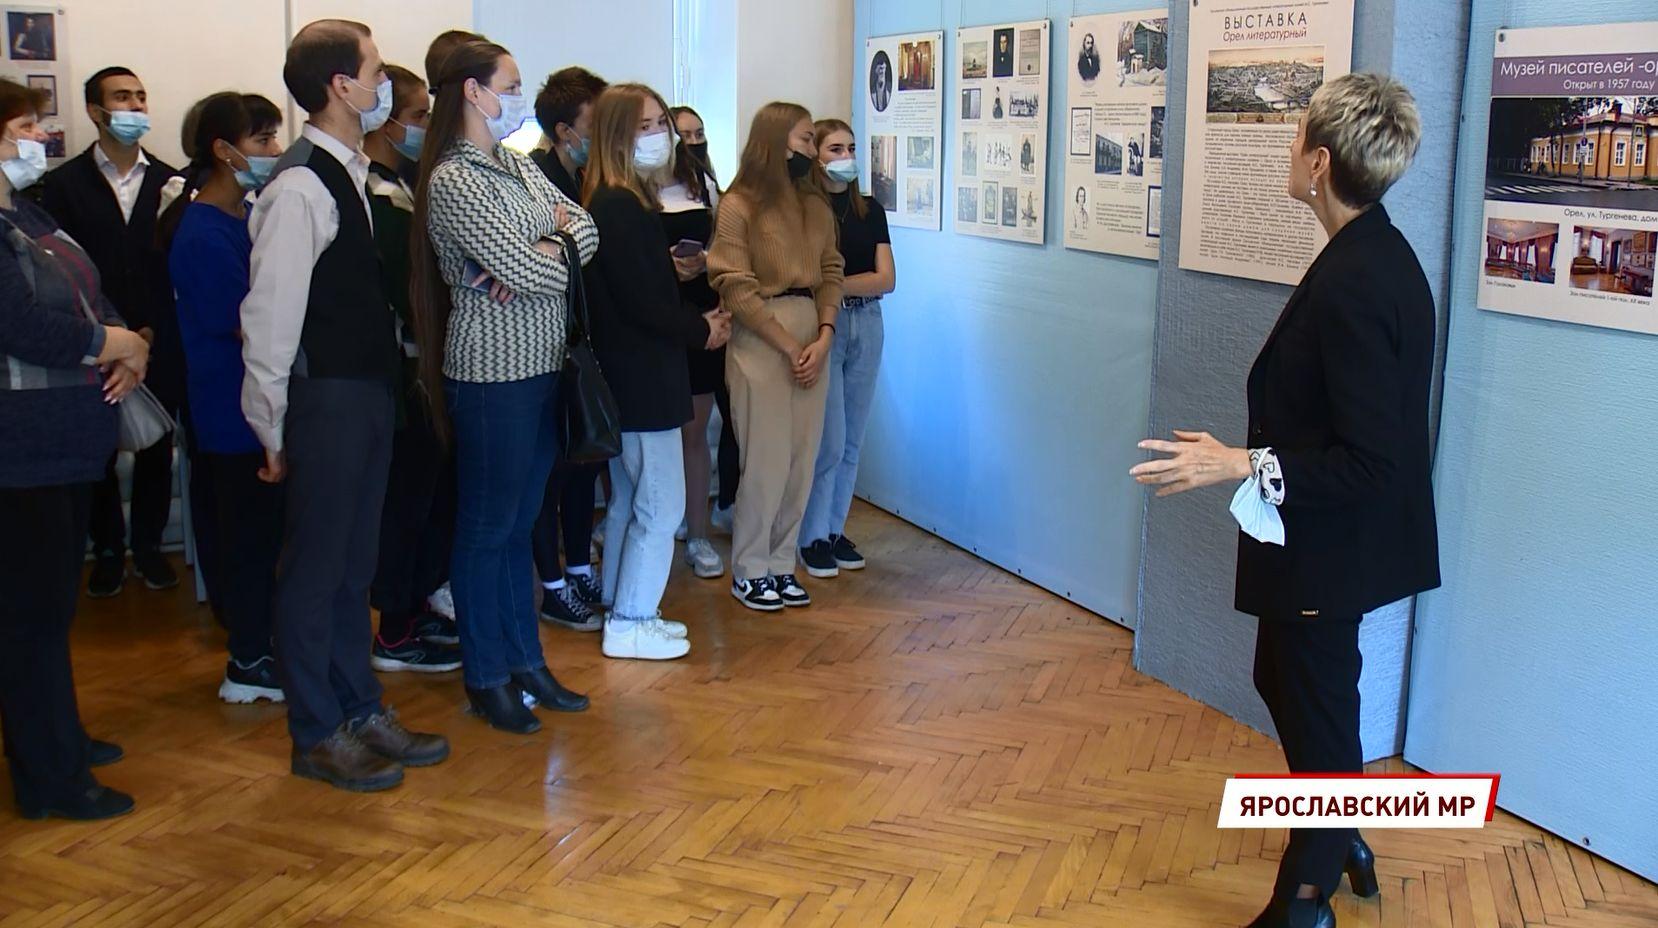 Неизвестные факты о жизни известных писателей - в Ярославскую область впервые приехала передвижная выставка Орловского музея